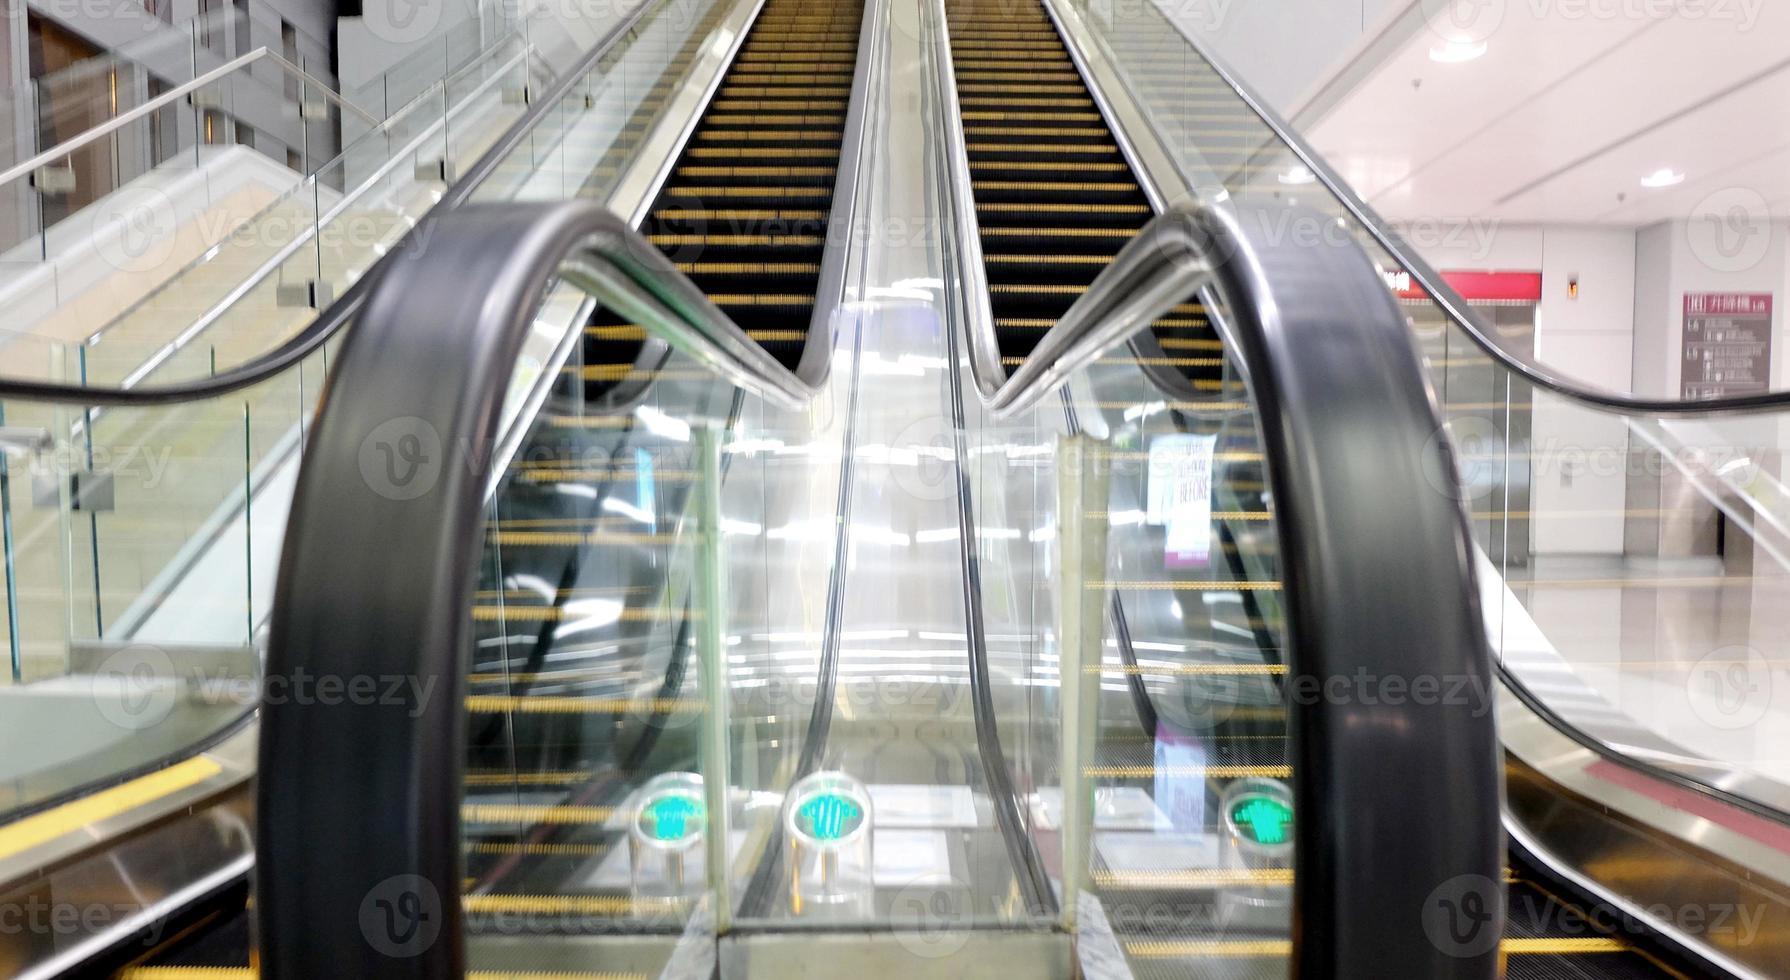 Rolltreppen des Einkaufszentrums foto